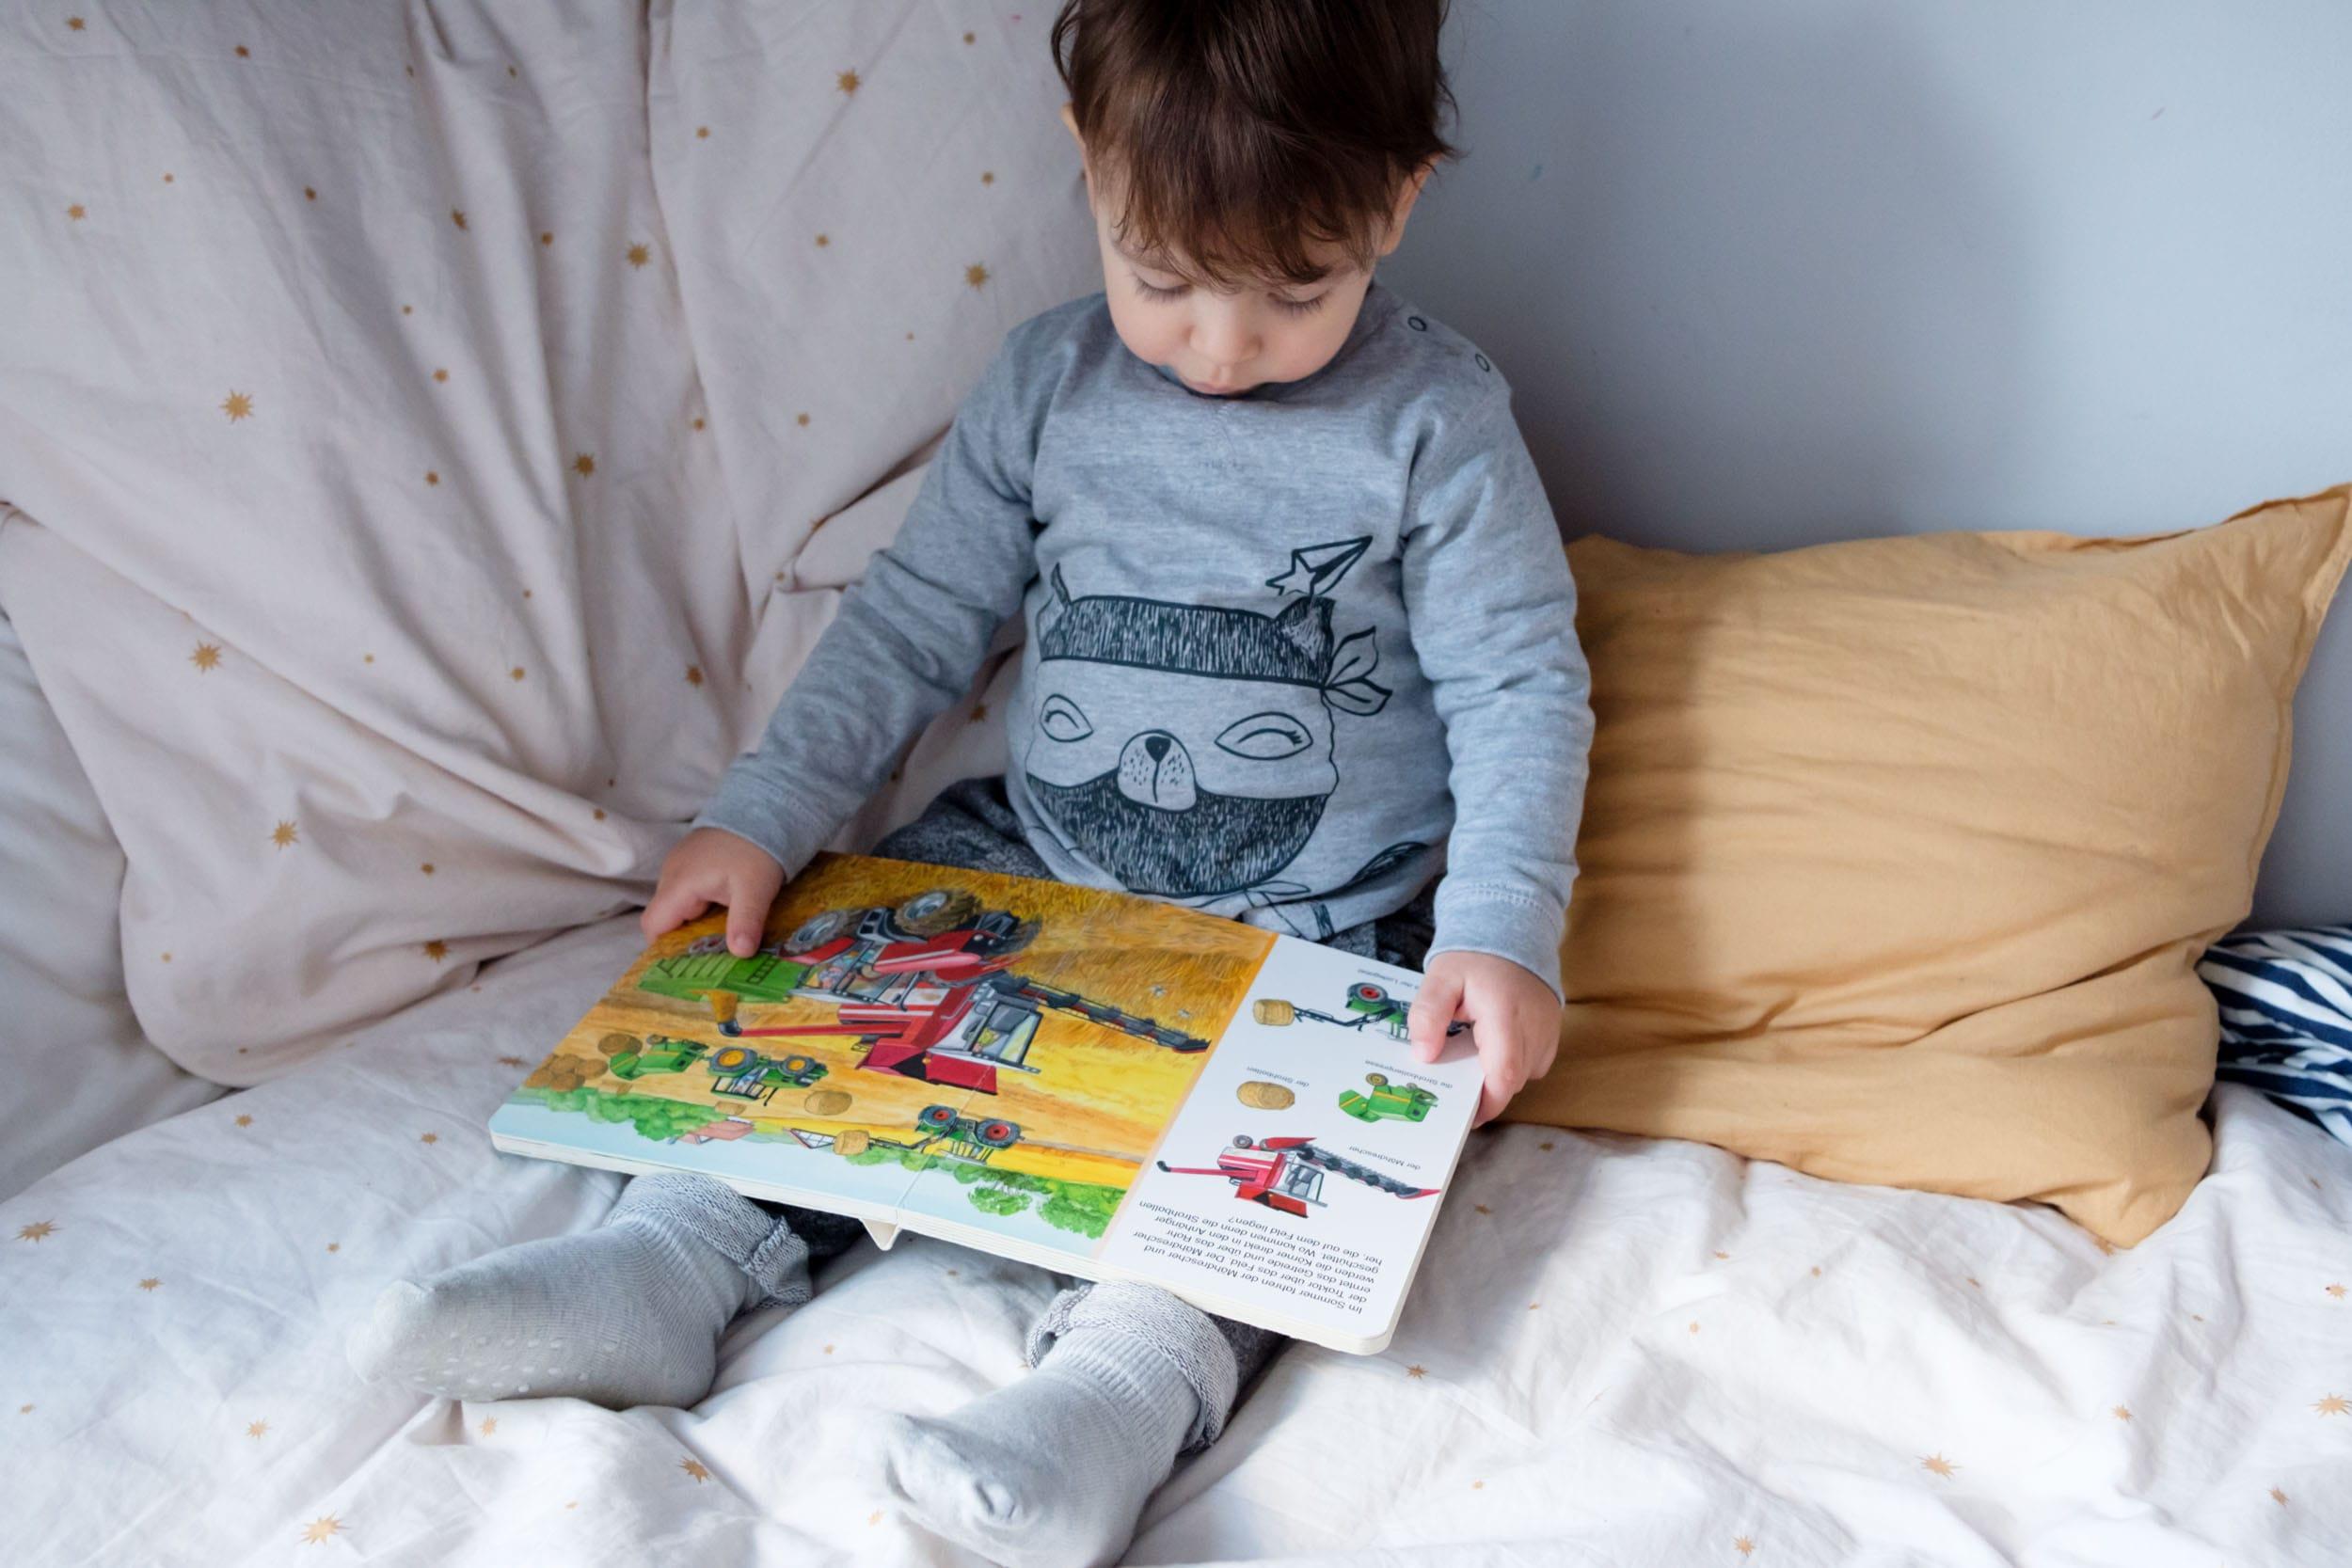 Schietwettertage mit Kind | 3 Tipps für Indoor-Spaß mit TK Maxx | Zuhause mit Kleinkind | Bücher lesen | Bilderbücher | Bauernhof | Mehr auf https://ivy.li